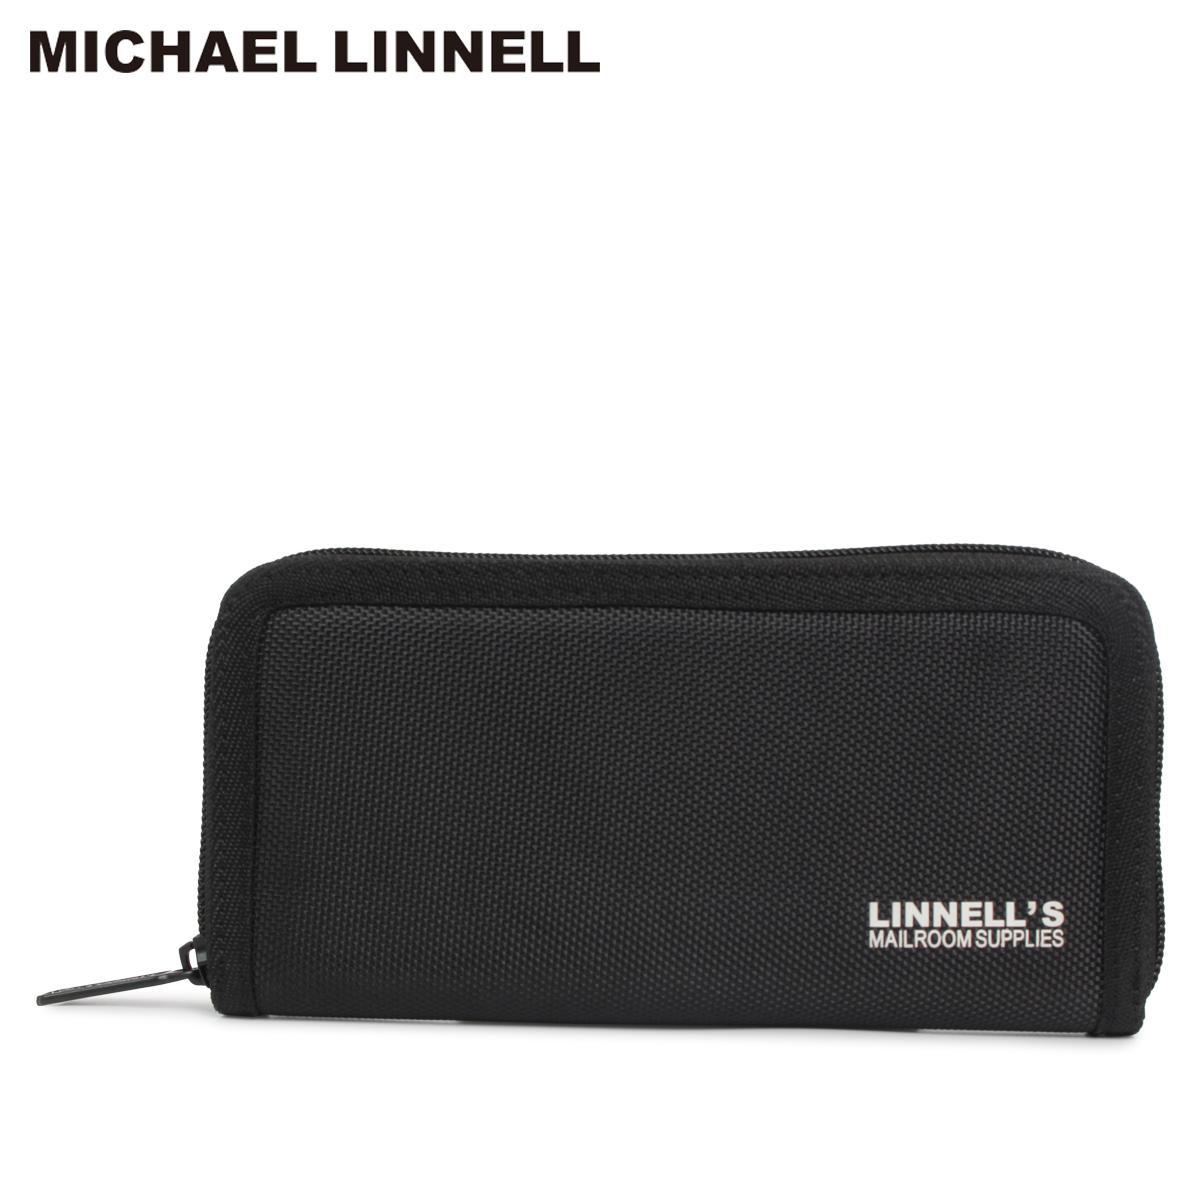 MICHAEL LINNELL MLWA-1680-05 マイケルリンネル 財布 長財布 メンズ レディース ラウンドファスナー WALLET ブラック 黒